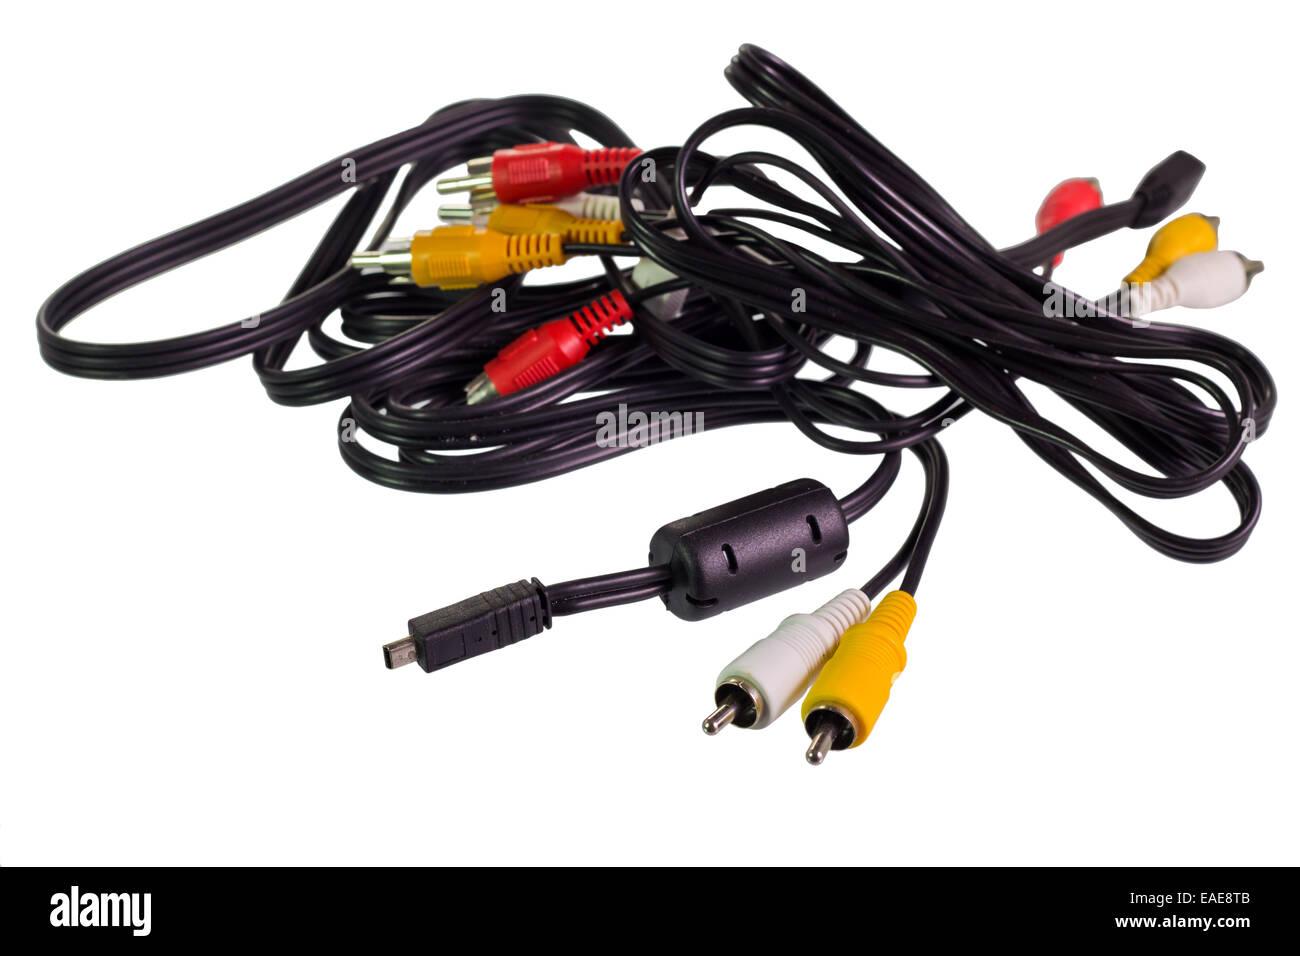 Fantastisch Stereo Lautsprecherkabel Bilder - Elektrische Schaltplan ...